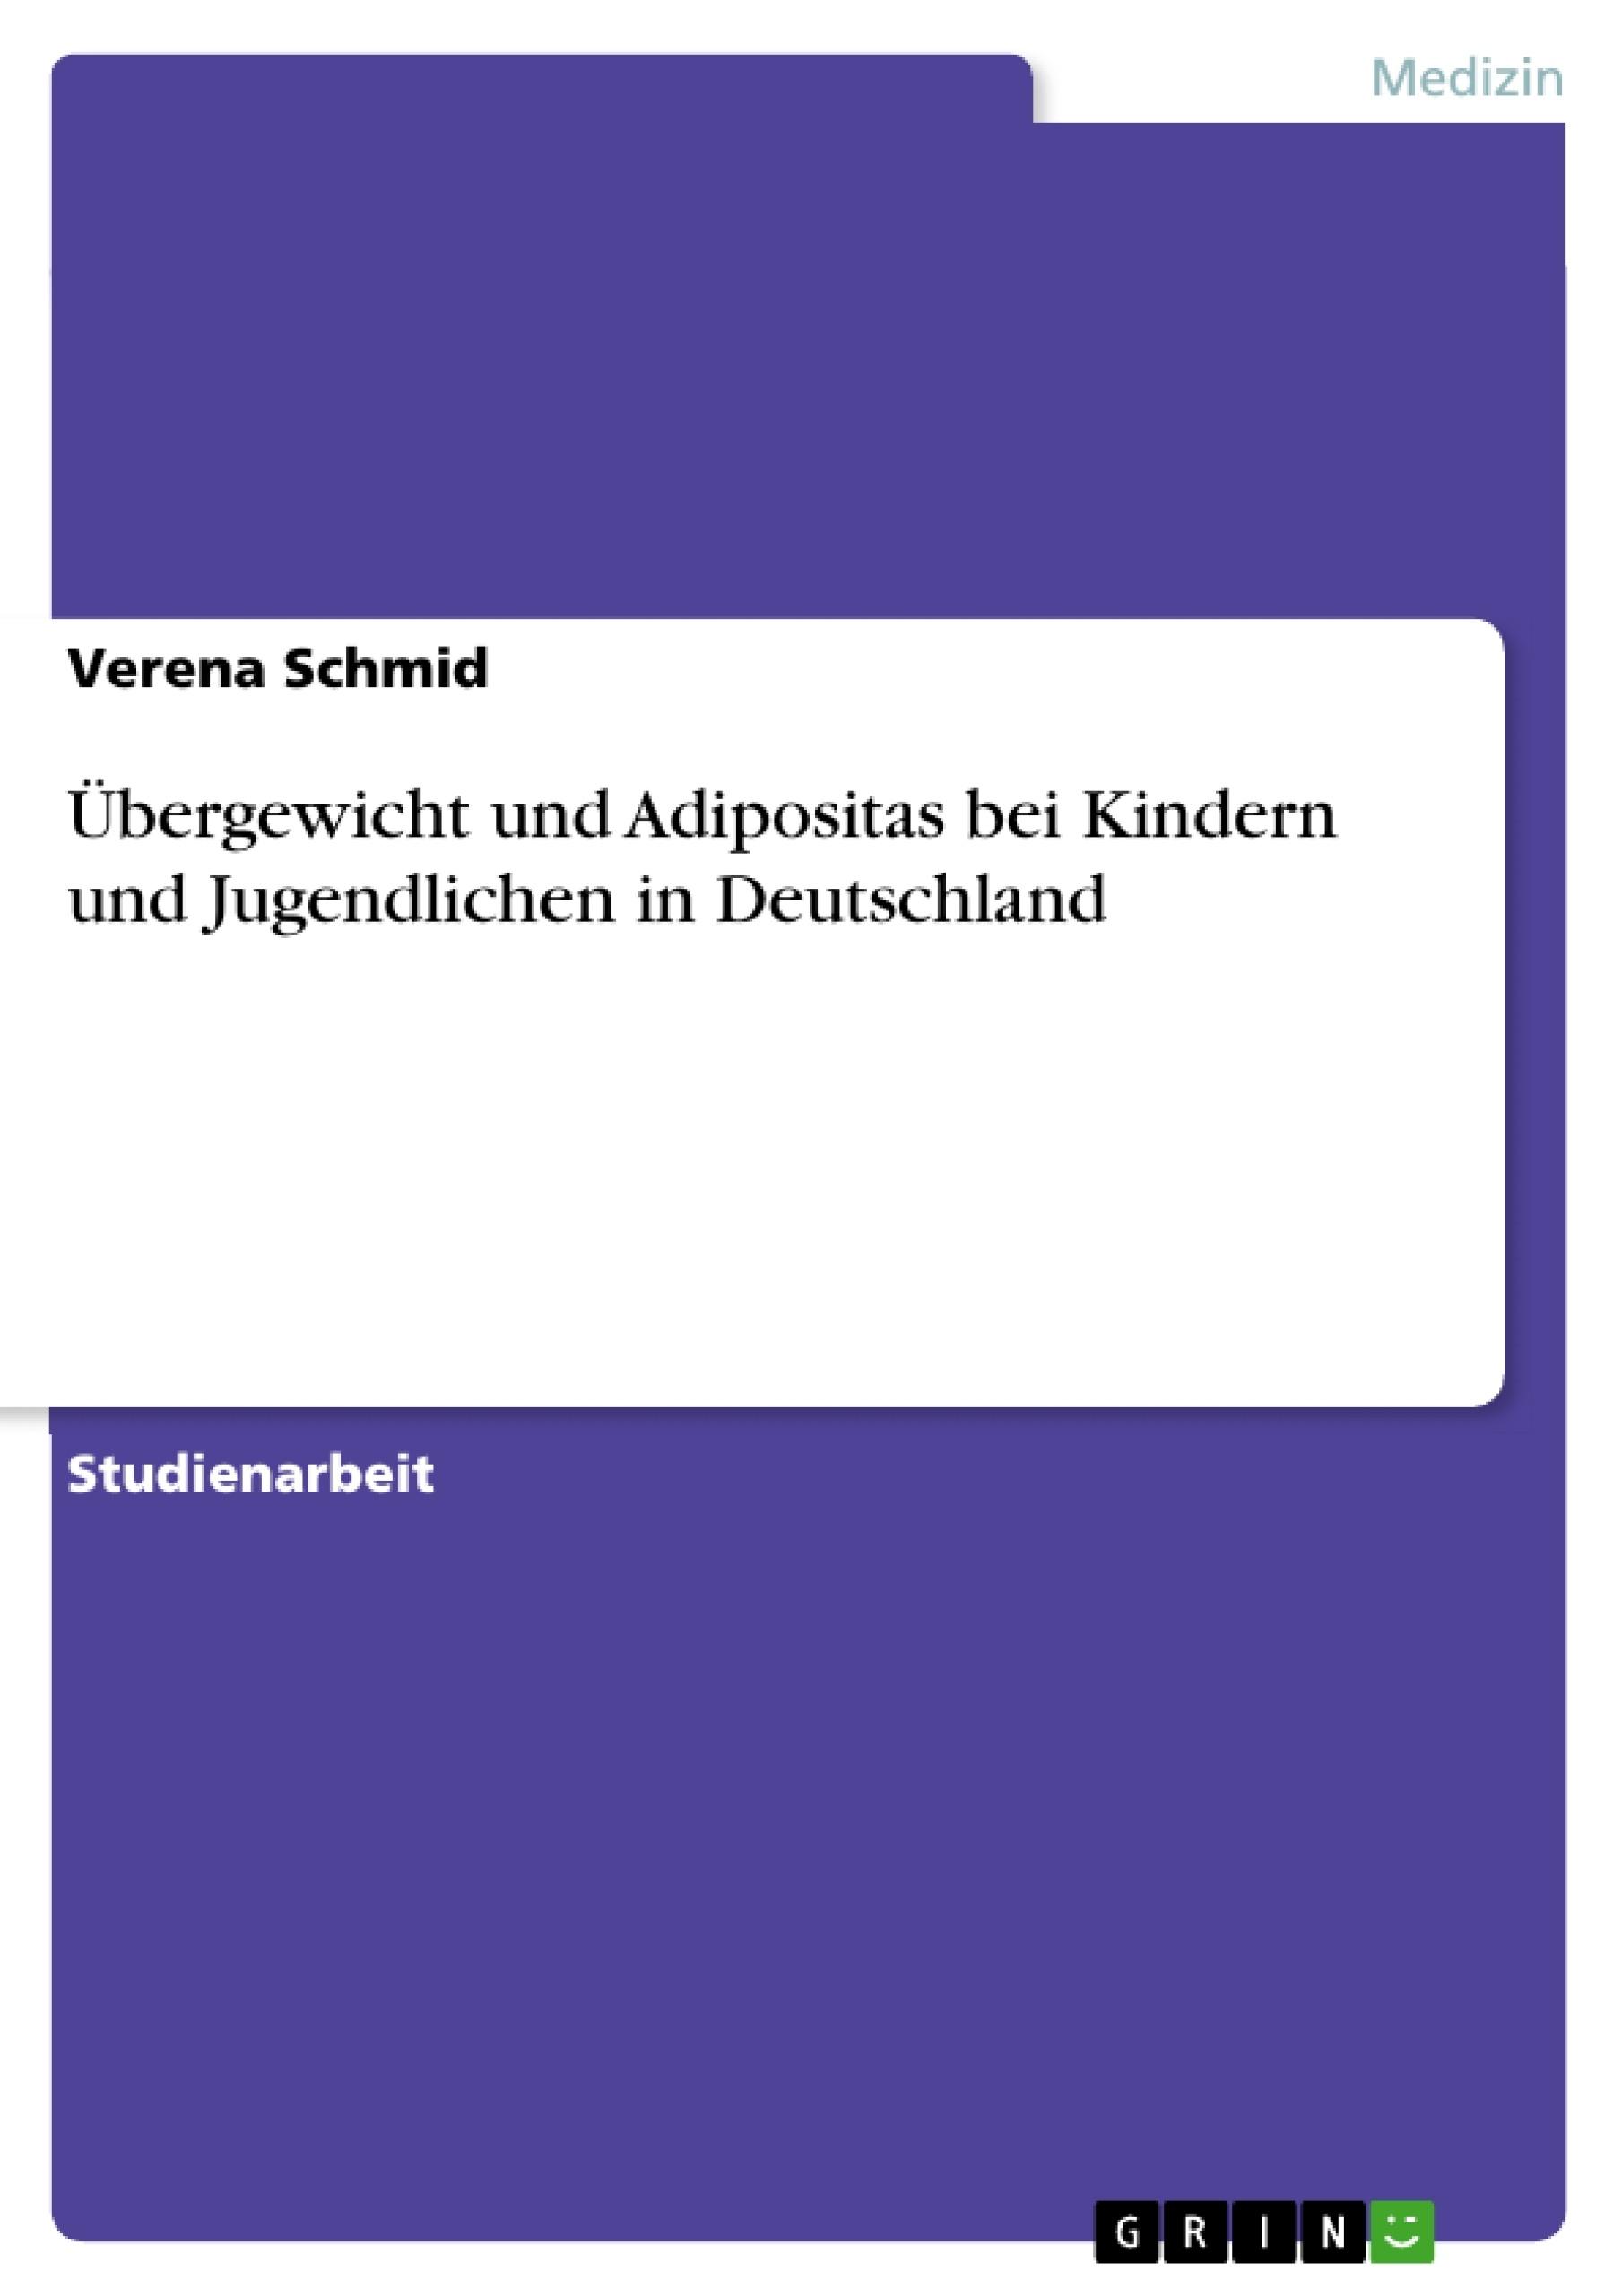 Titel: Übergewicht und Adipositas bei Kindern und Jugendlichen in Deutschland